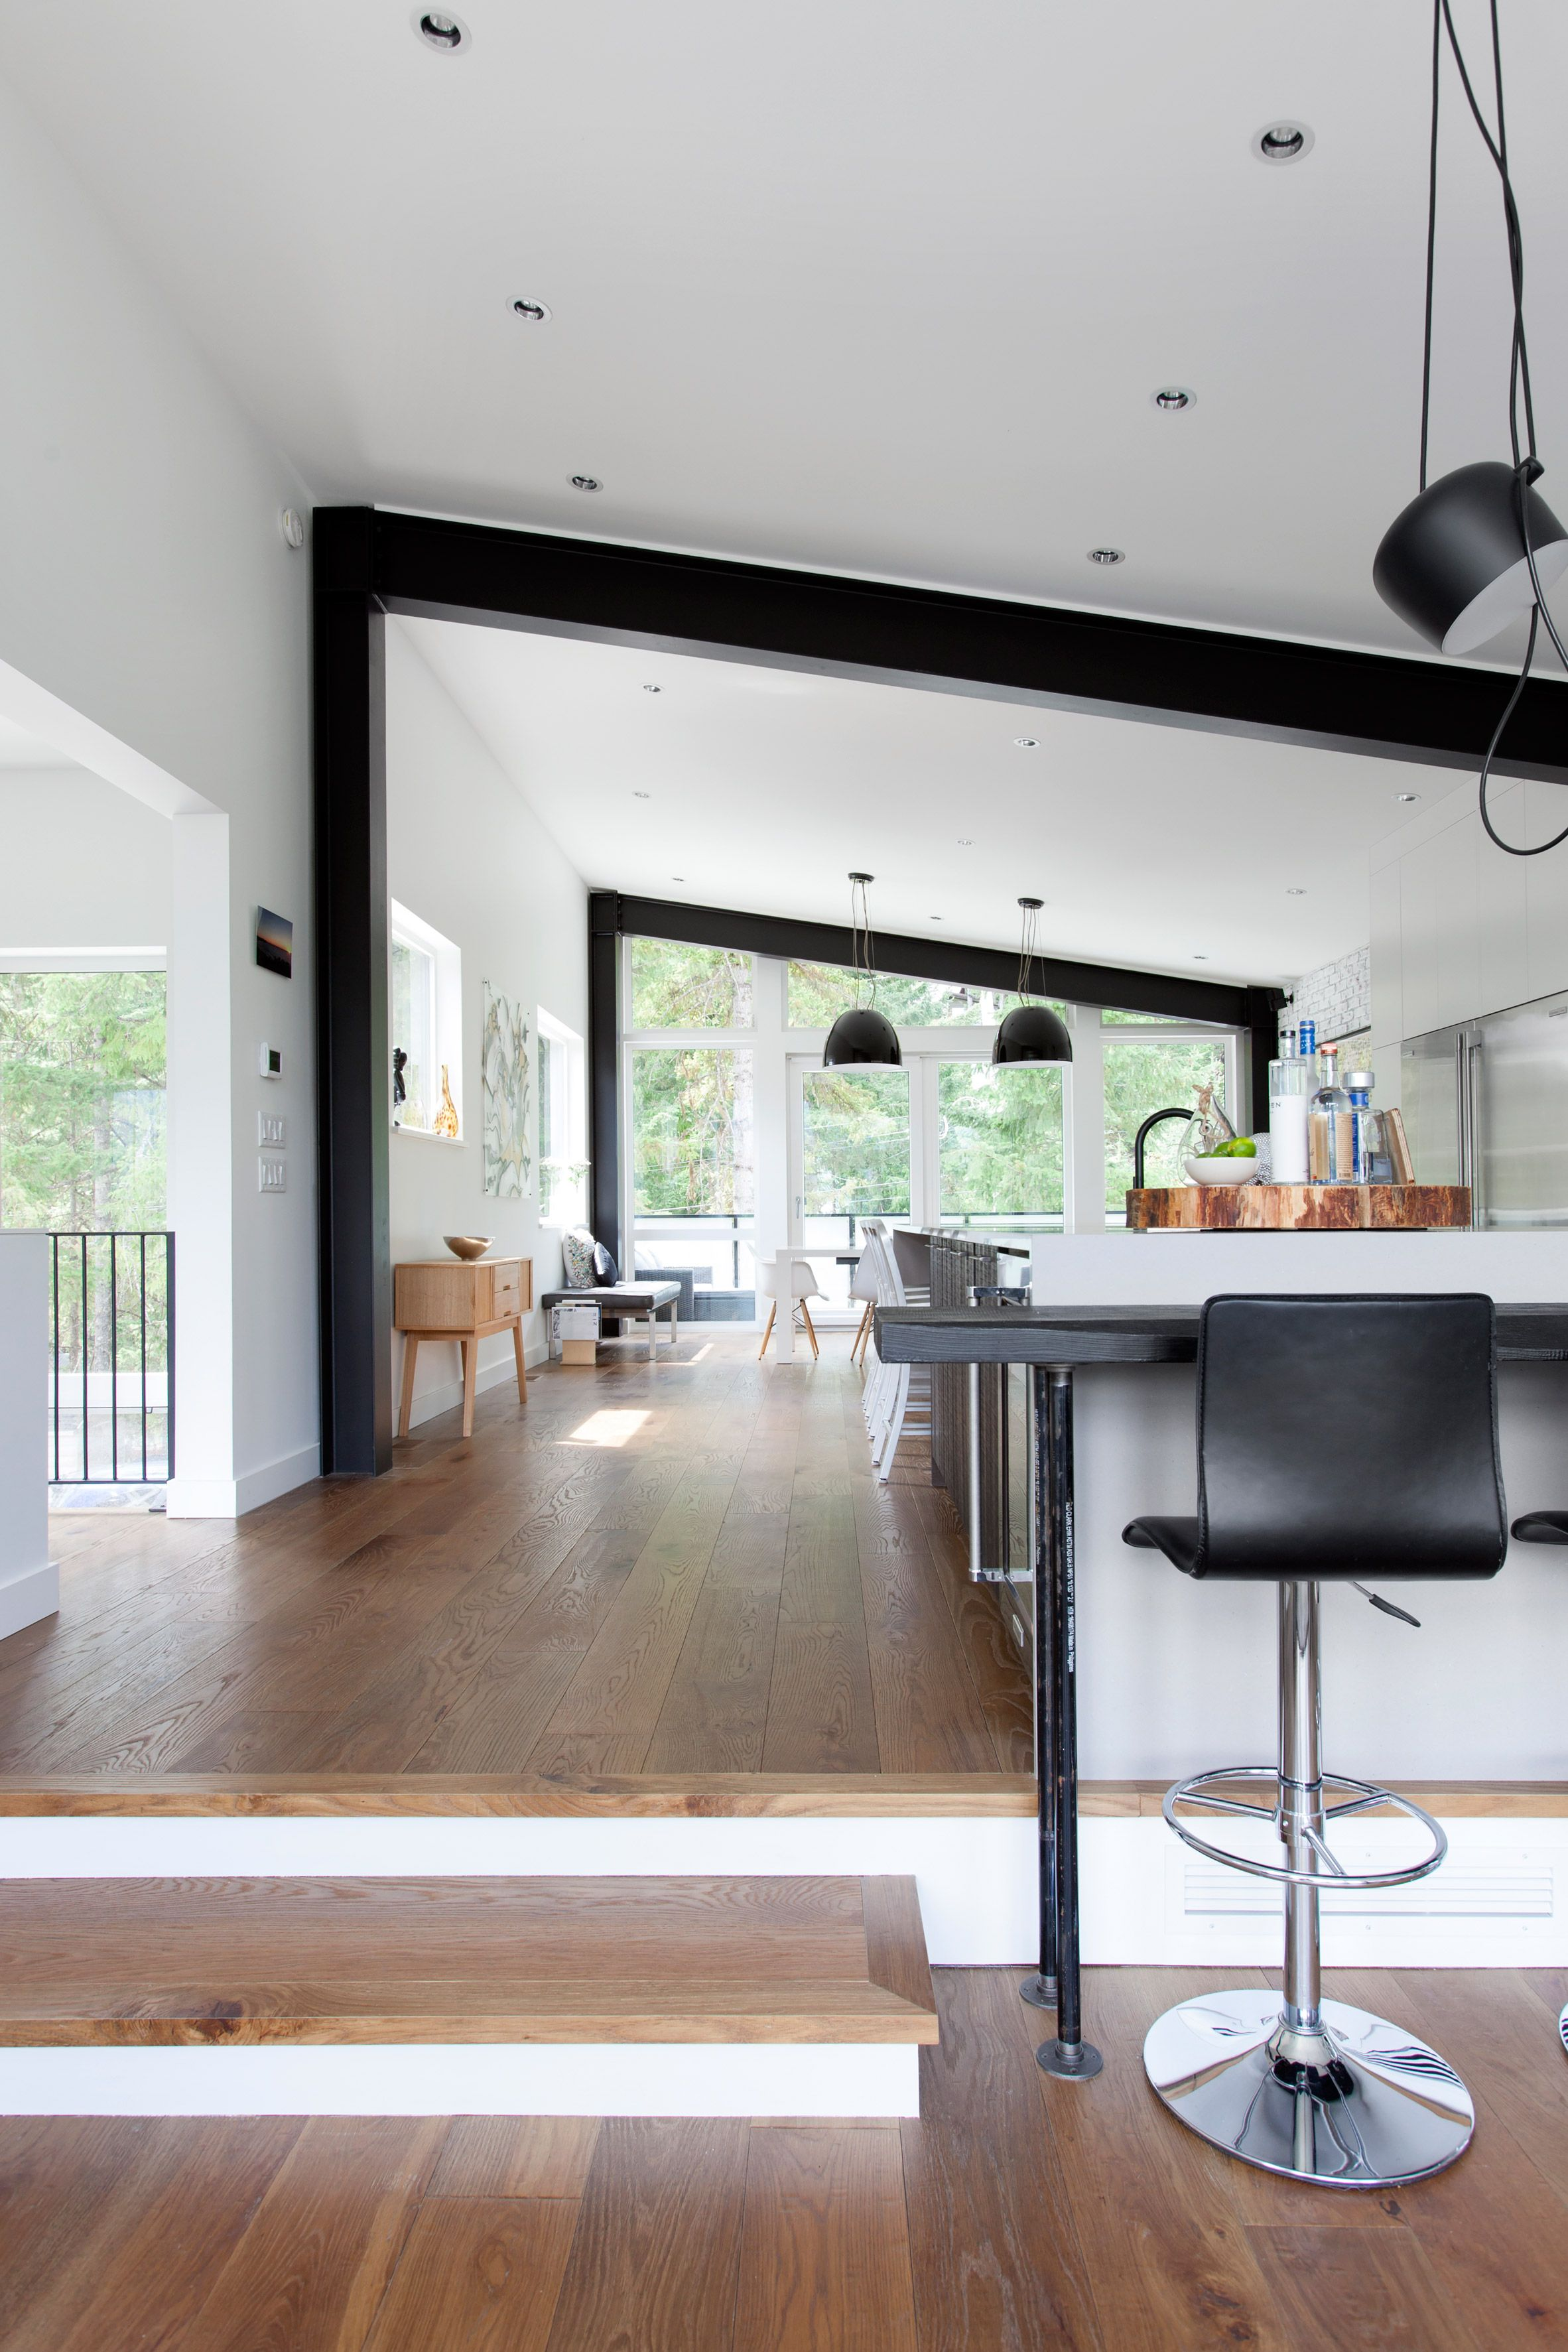 Drifter way by stark architecture open plan kitchen ideas interior design inspiration also renovation in rh pinterest